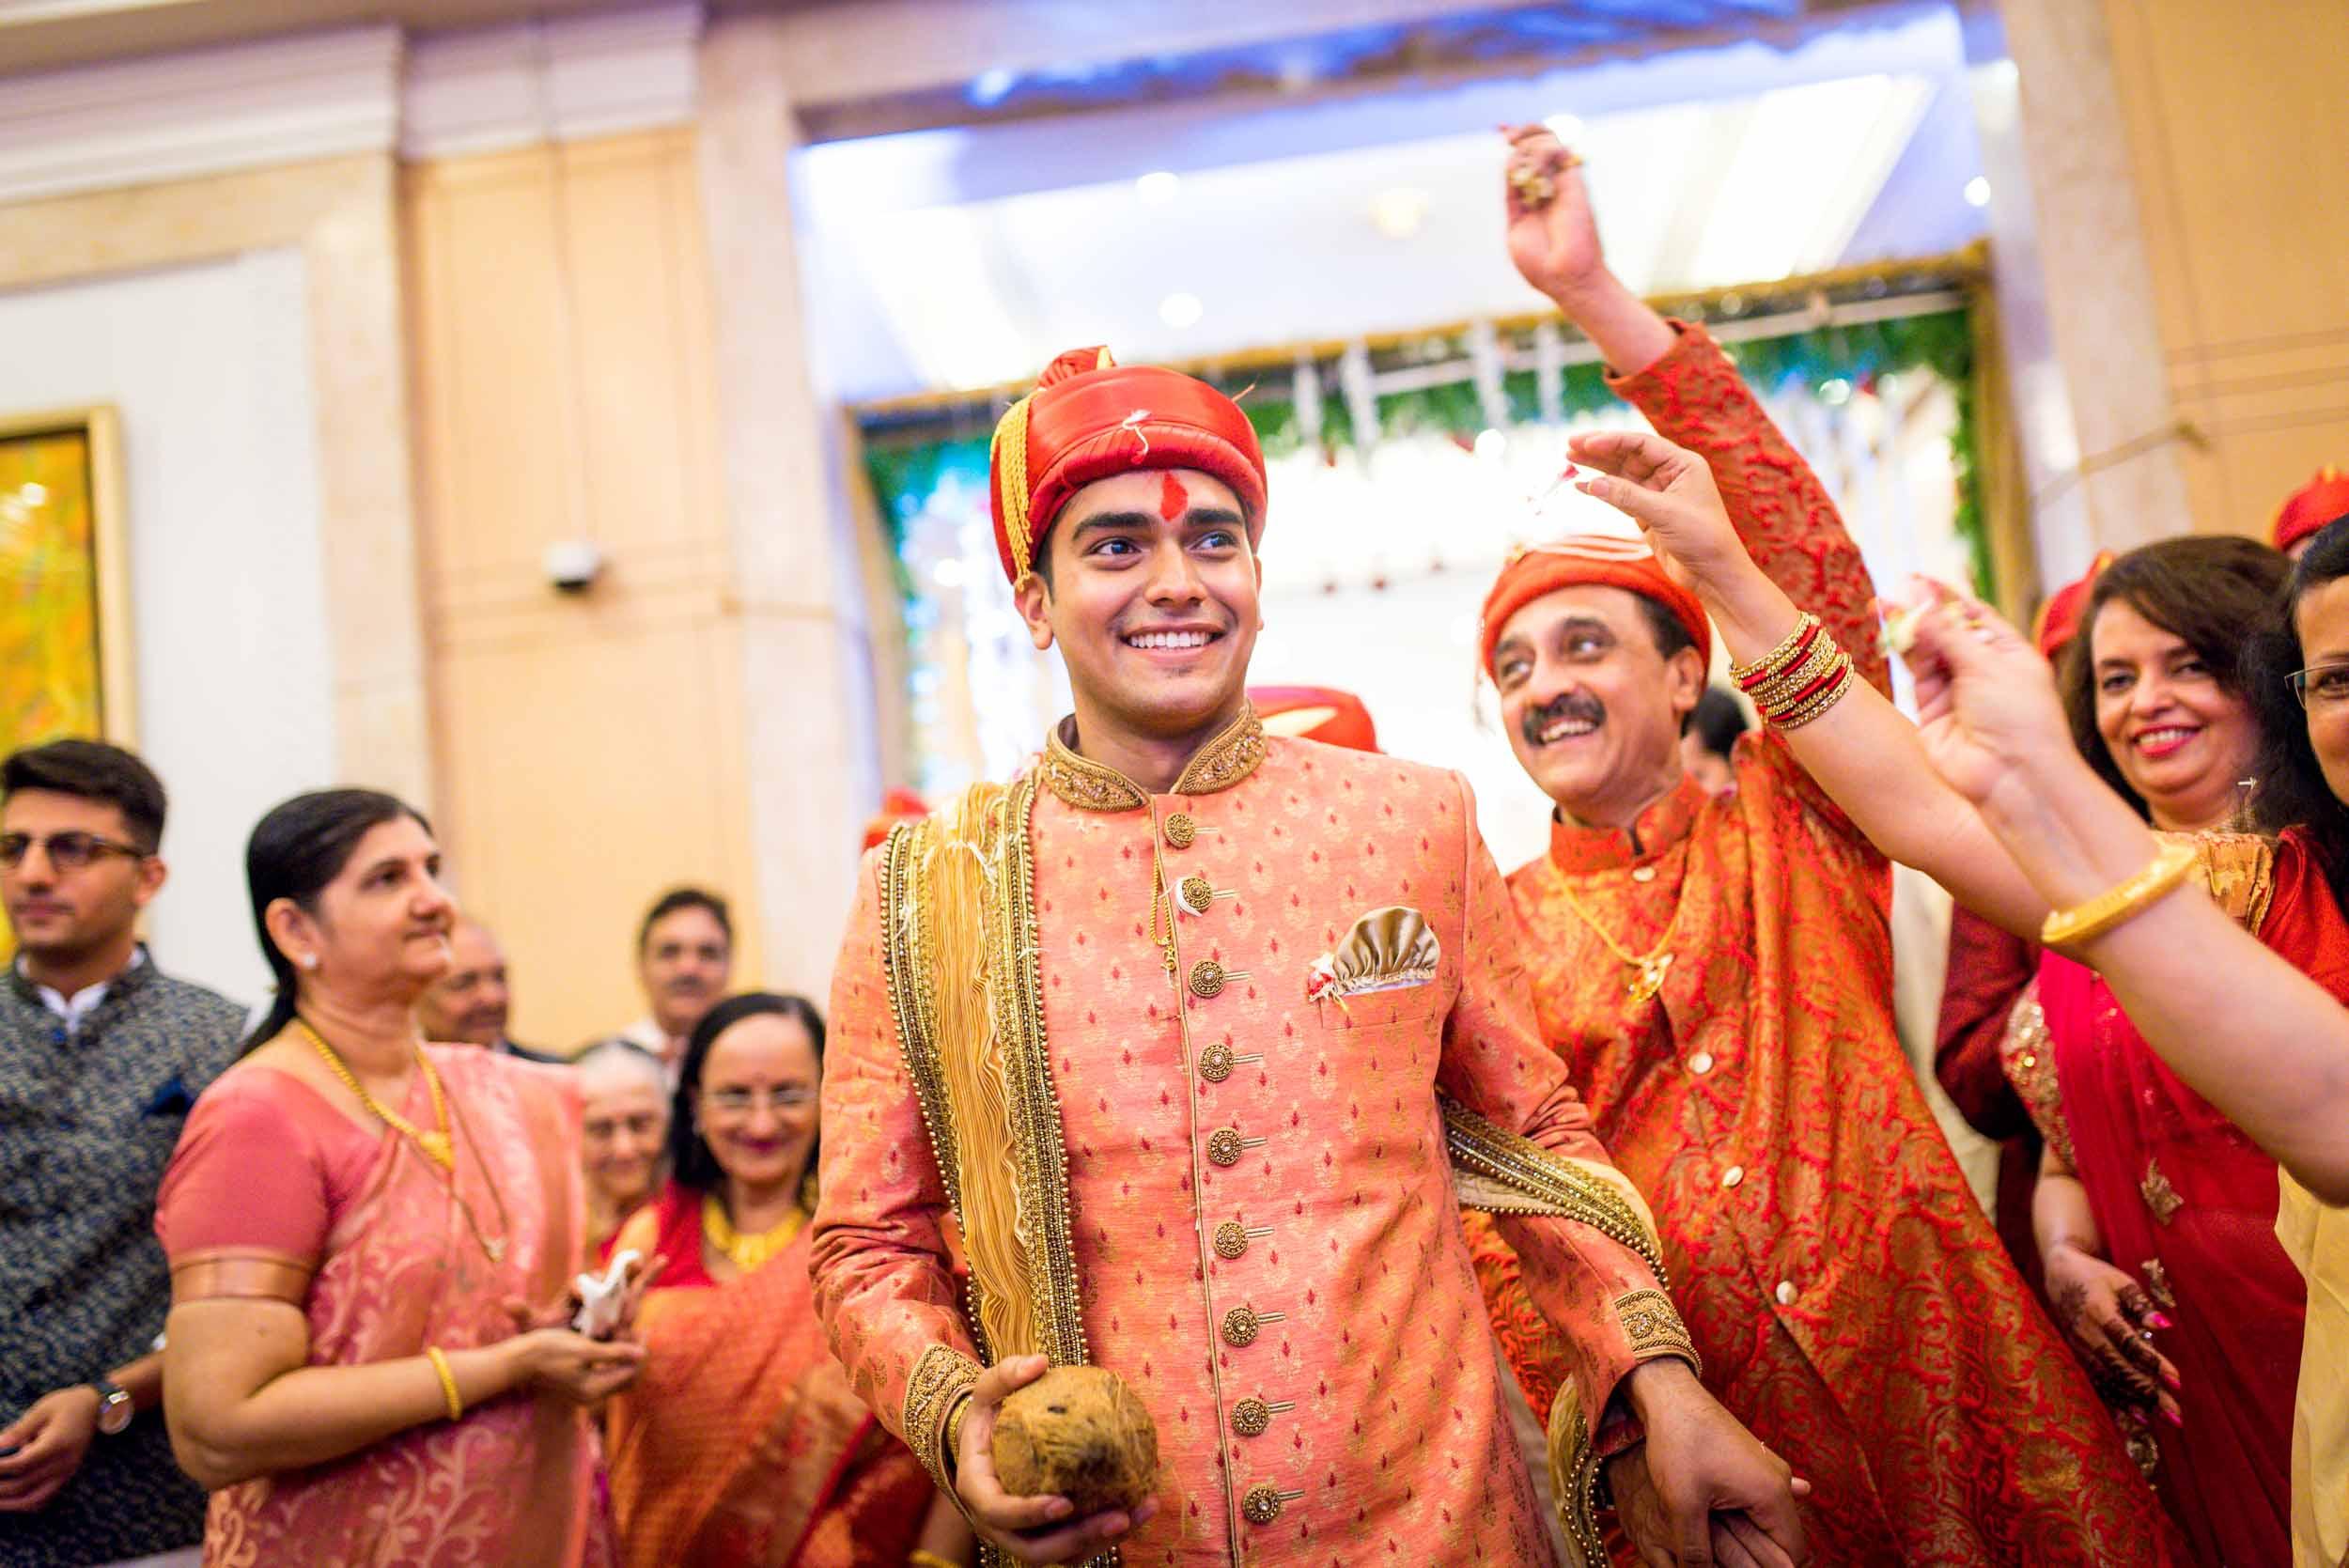 mumbai-pune-wedding-44.jpg